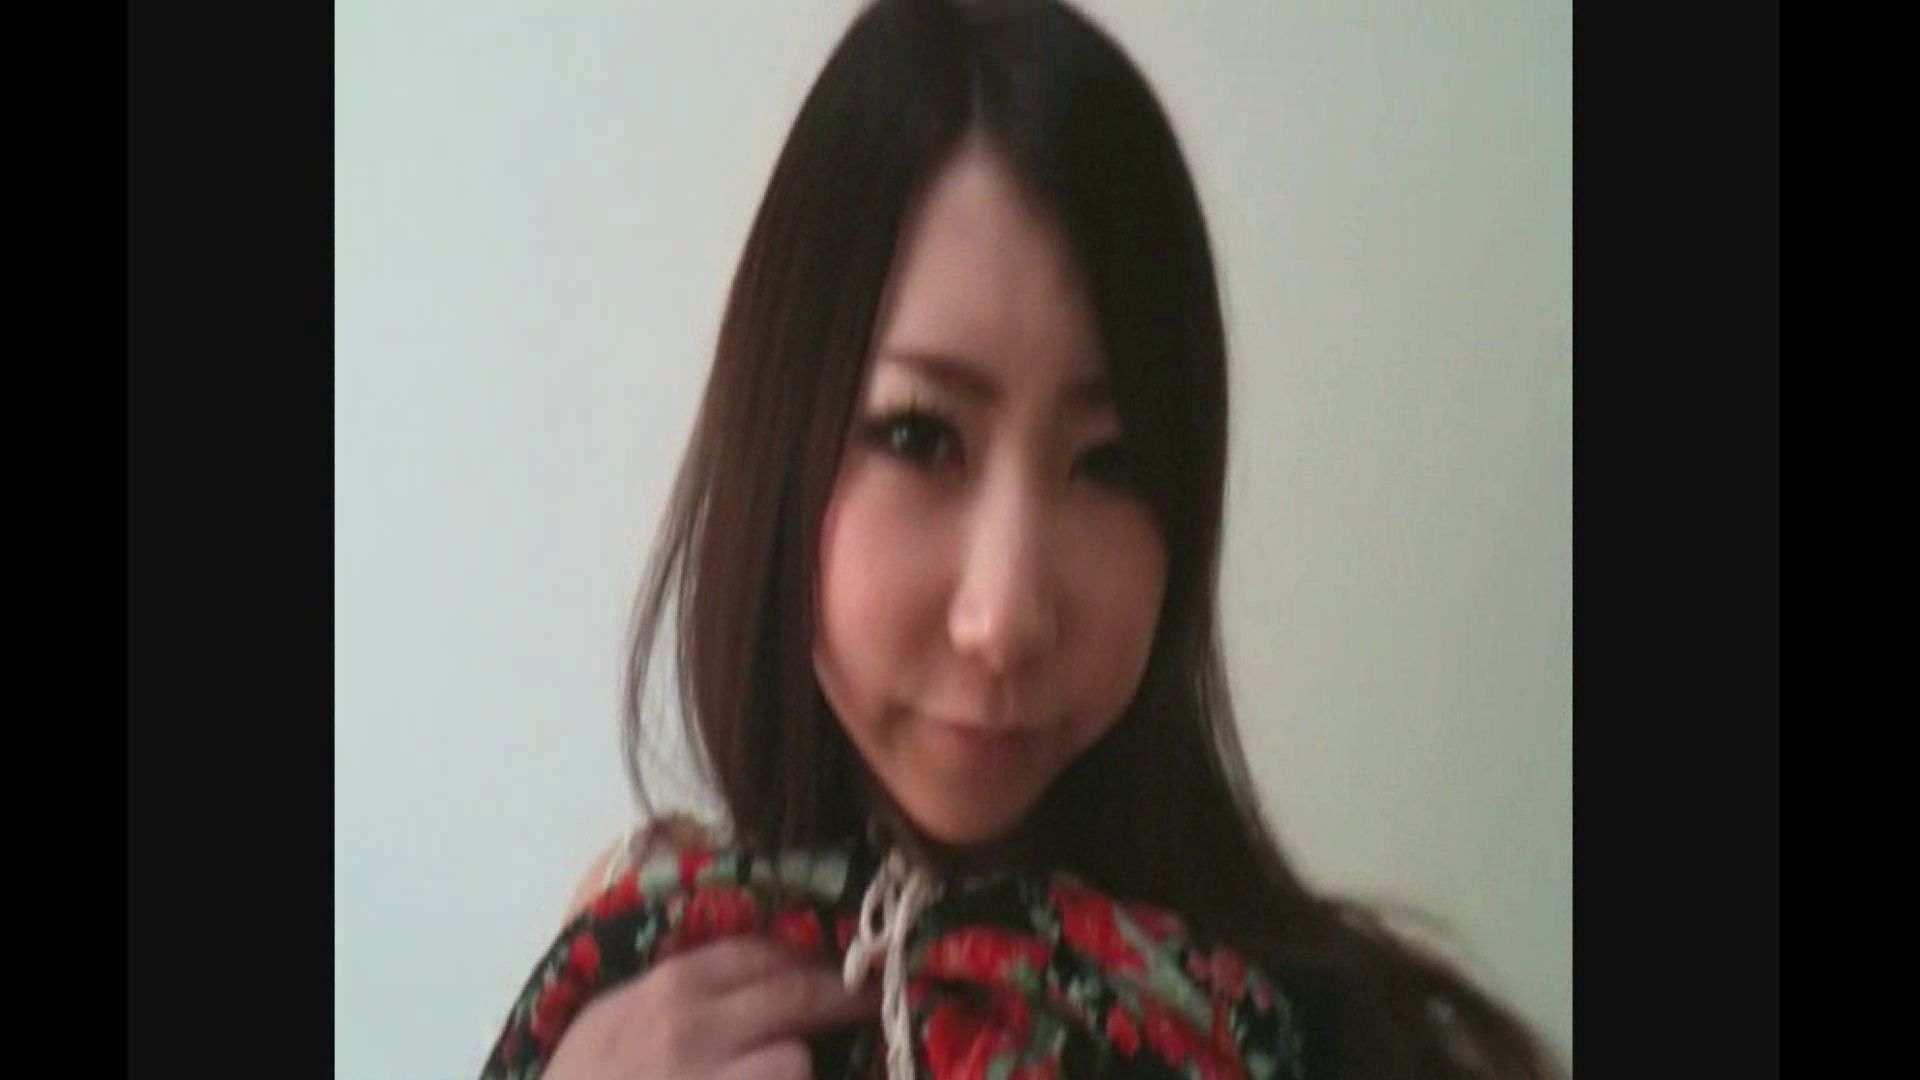 ビジョおな! Vol.11 OLエロ画像 盗撮われめAV動画紹介 70PICs 2